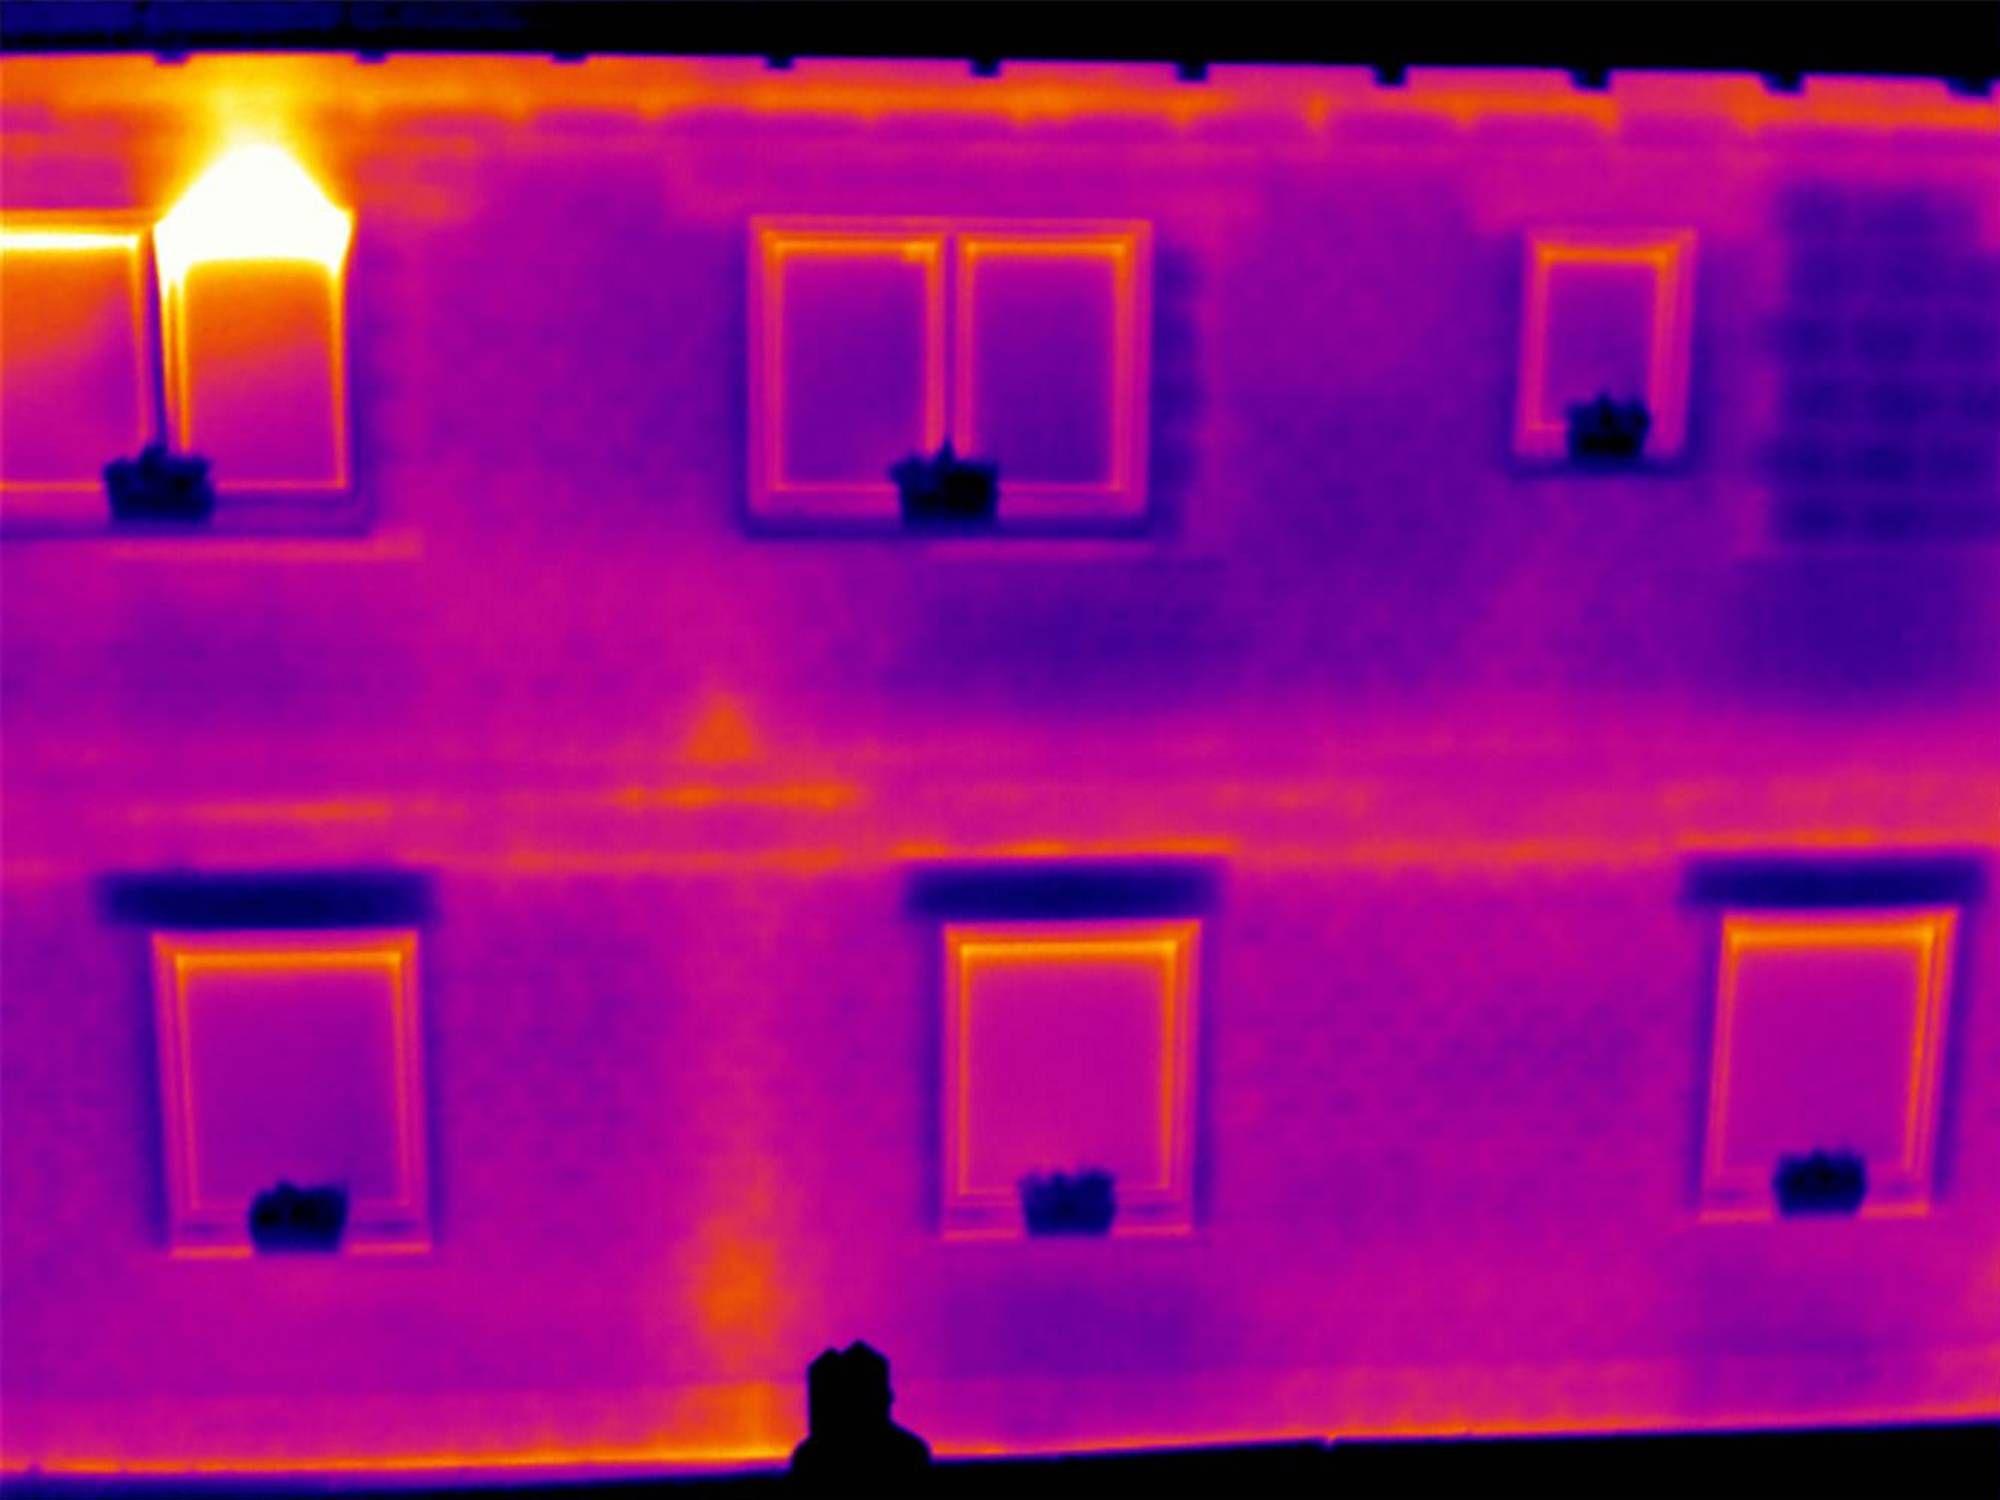 Imagen térmica del edificio